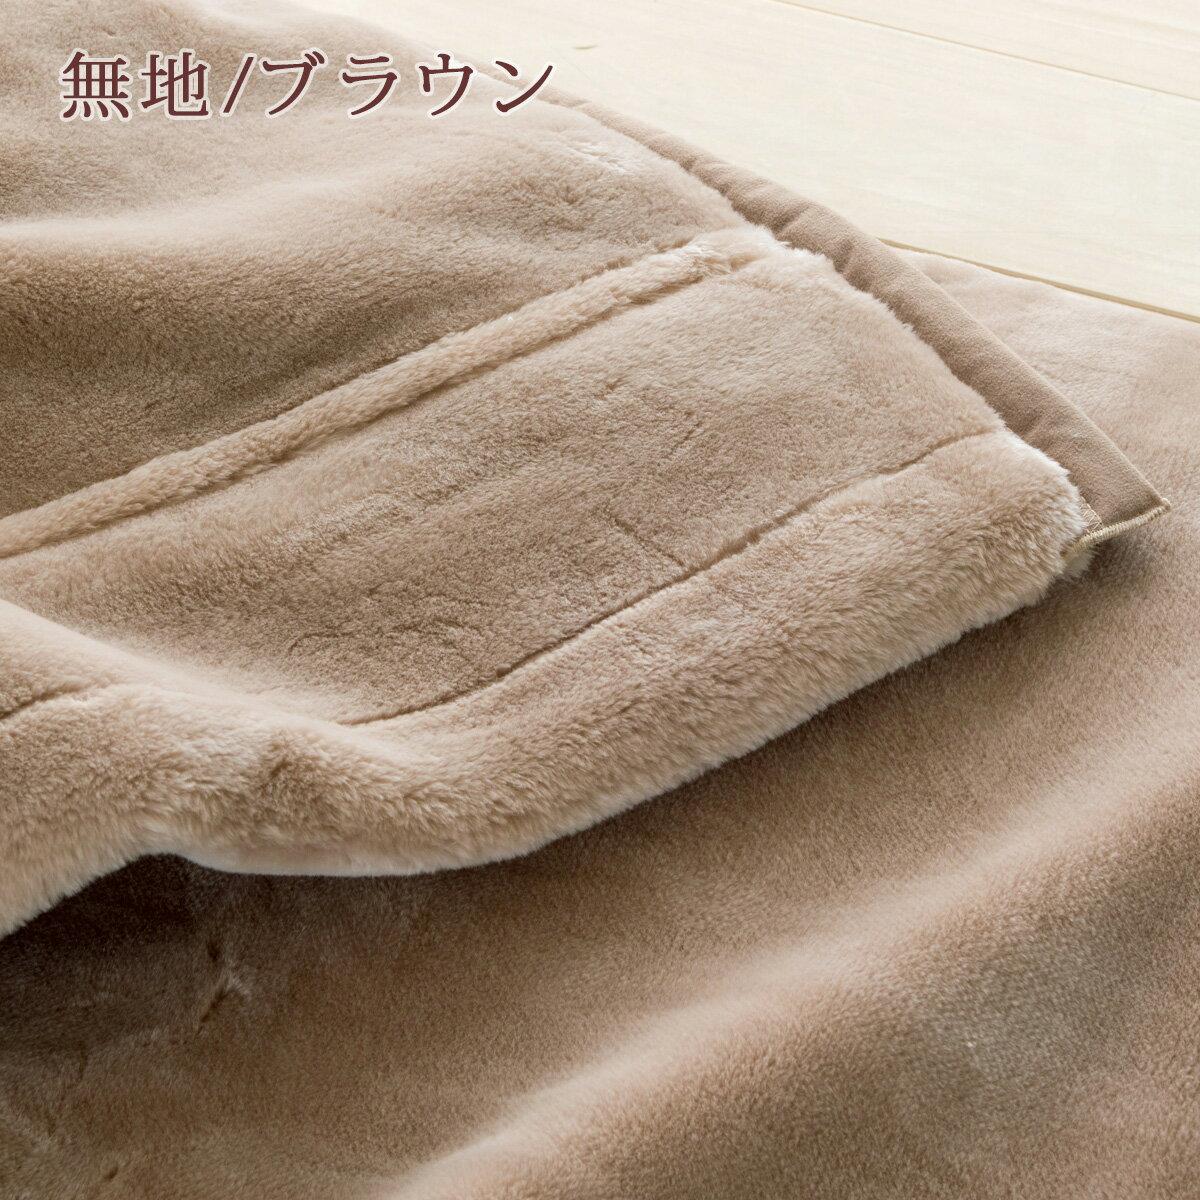 特別ポイント10倍 5/2 8:59迄 東京西川 毛布 セミダブル 2枚合わせ 日本製 西川産業 無地 2枚合わせ アクリル マイヤー毛布(毛羽部分:アクリル100%)もうふ ブランケット